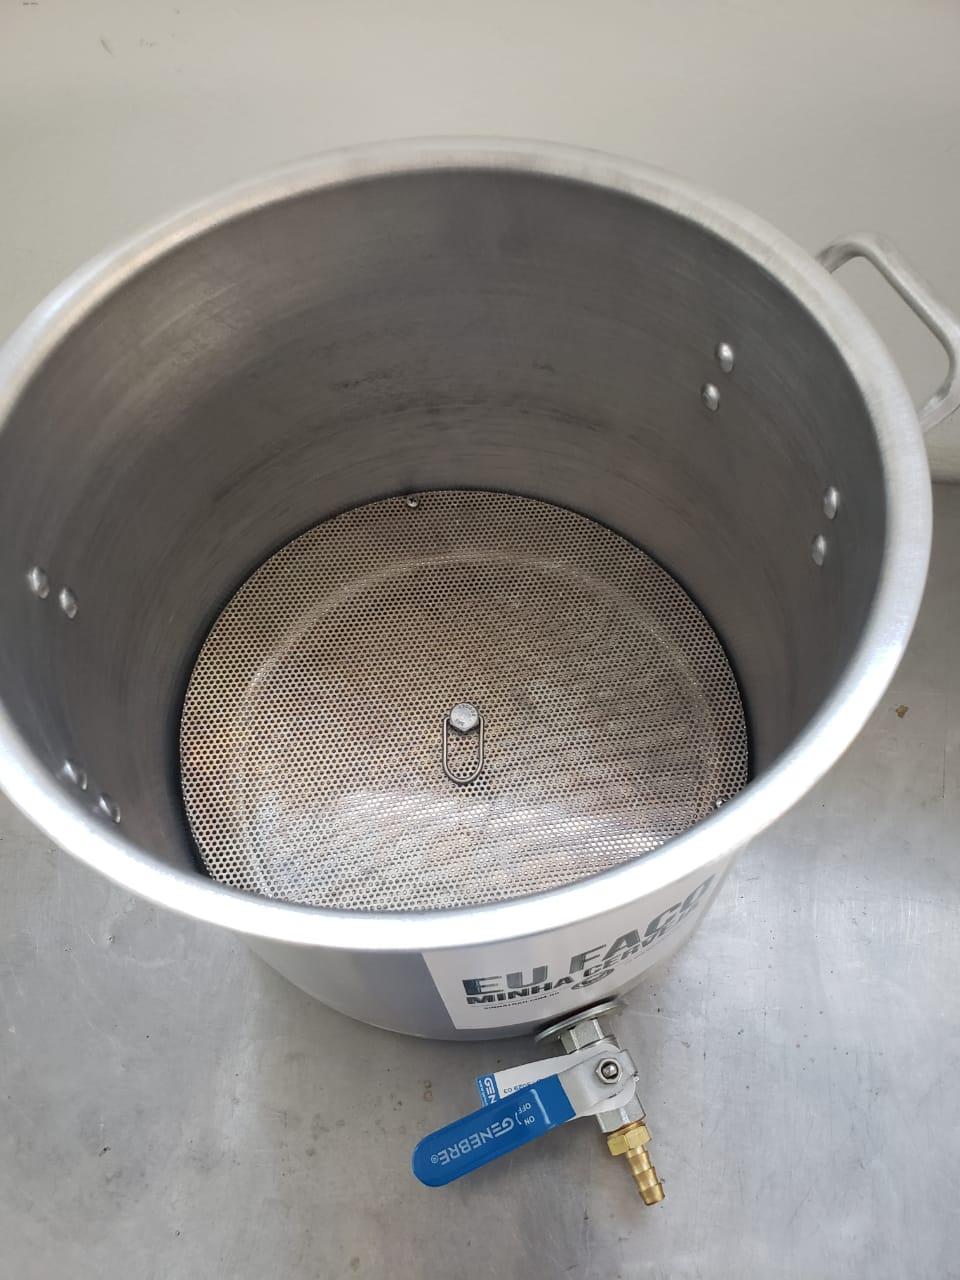 Kit para Produzir Cerveja em Casa 10 litros - Intermediário - Fundo falso